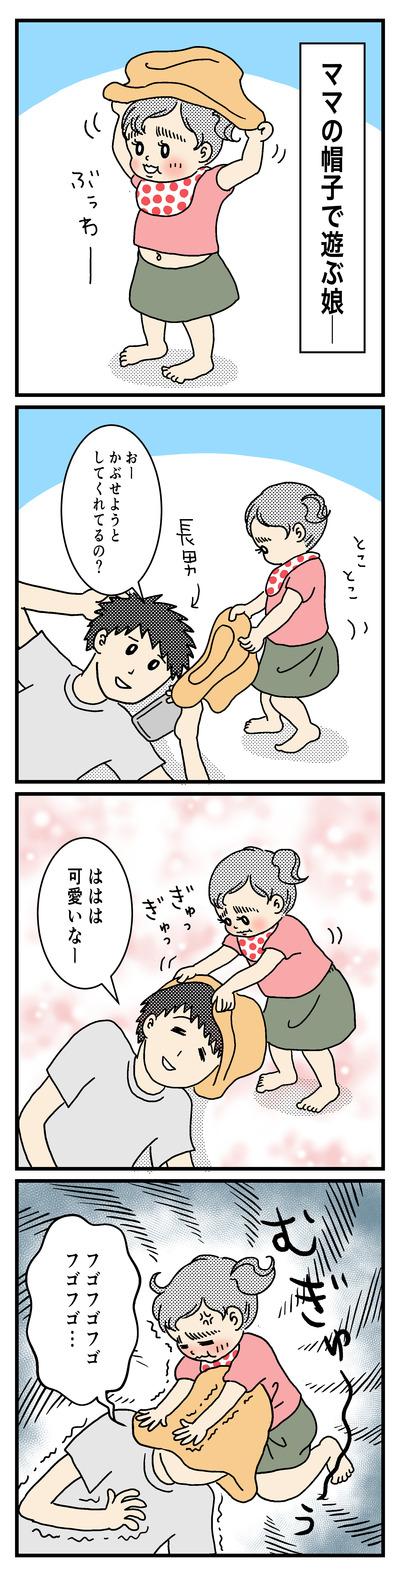 92 帽子とよっちゃん(1才〜1才半)